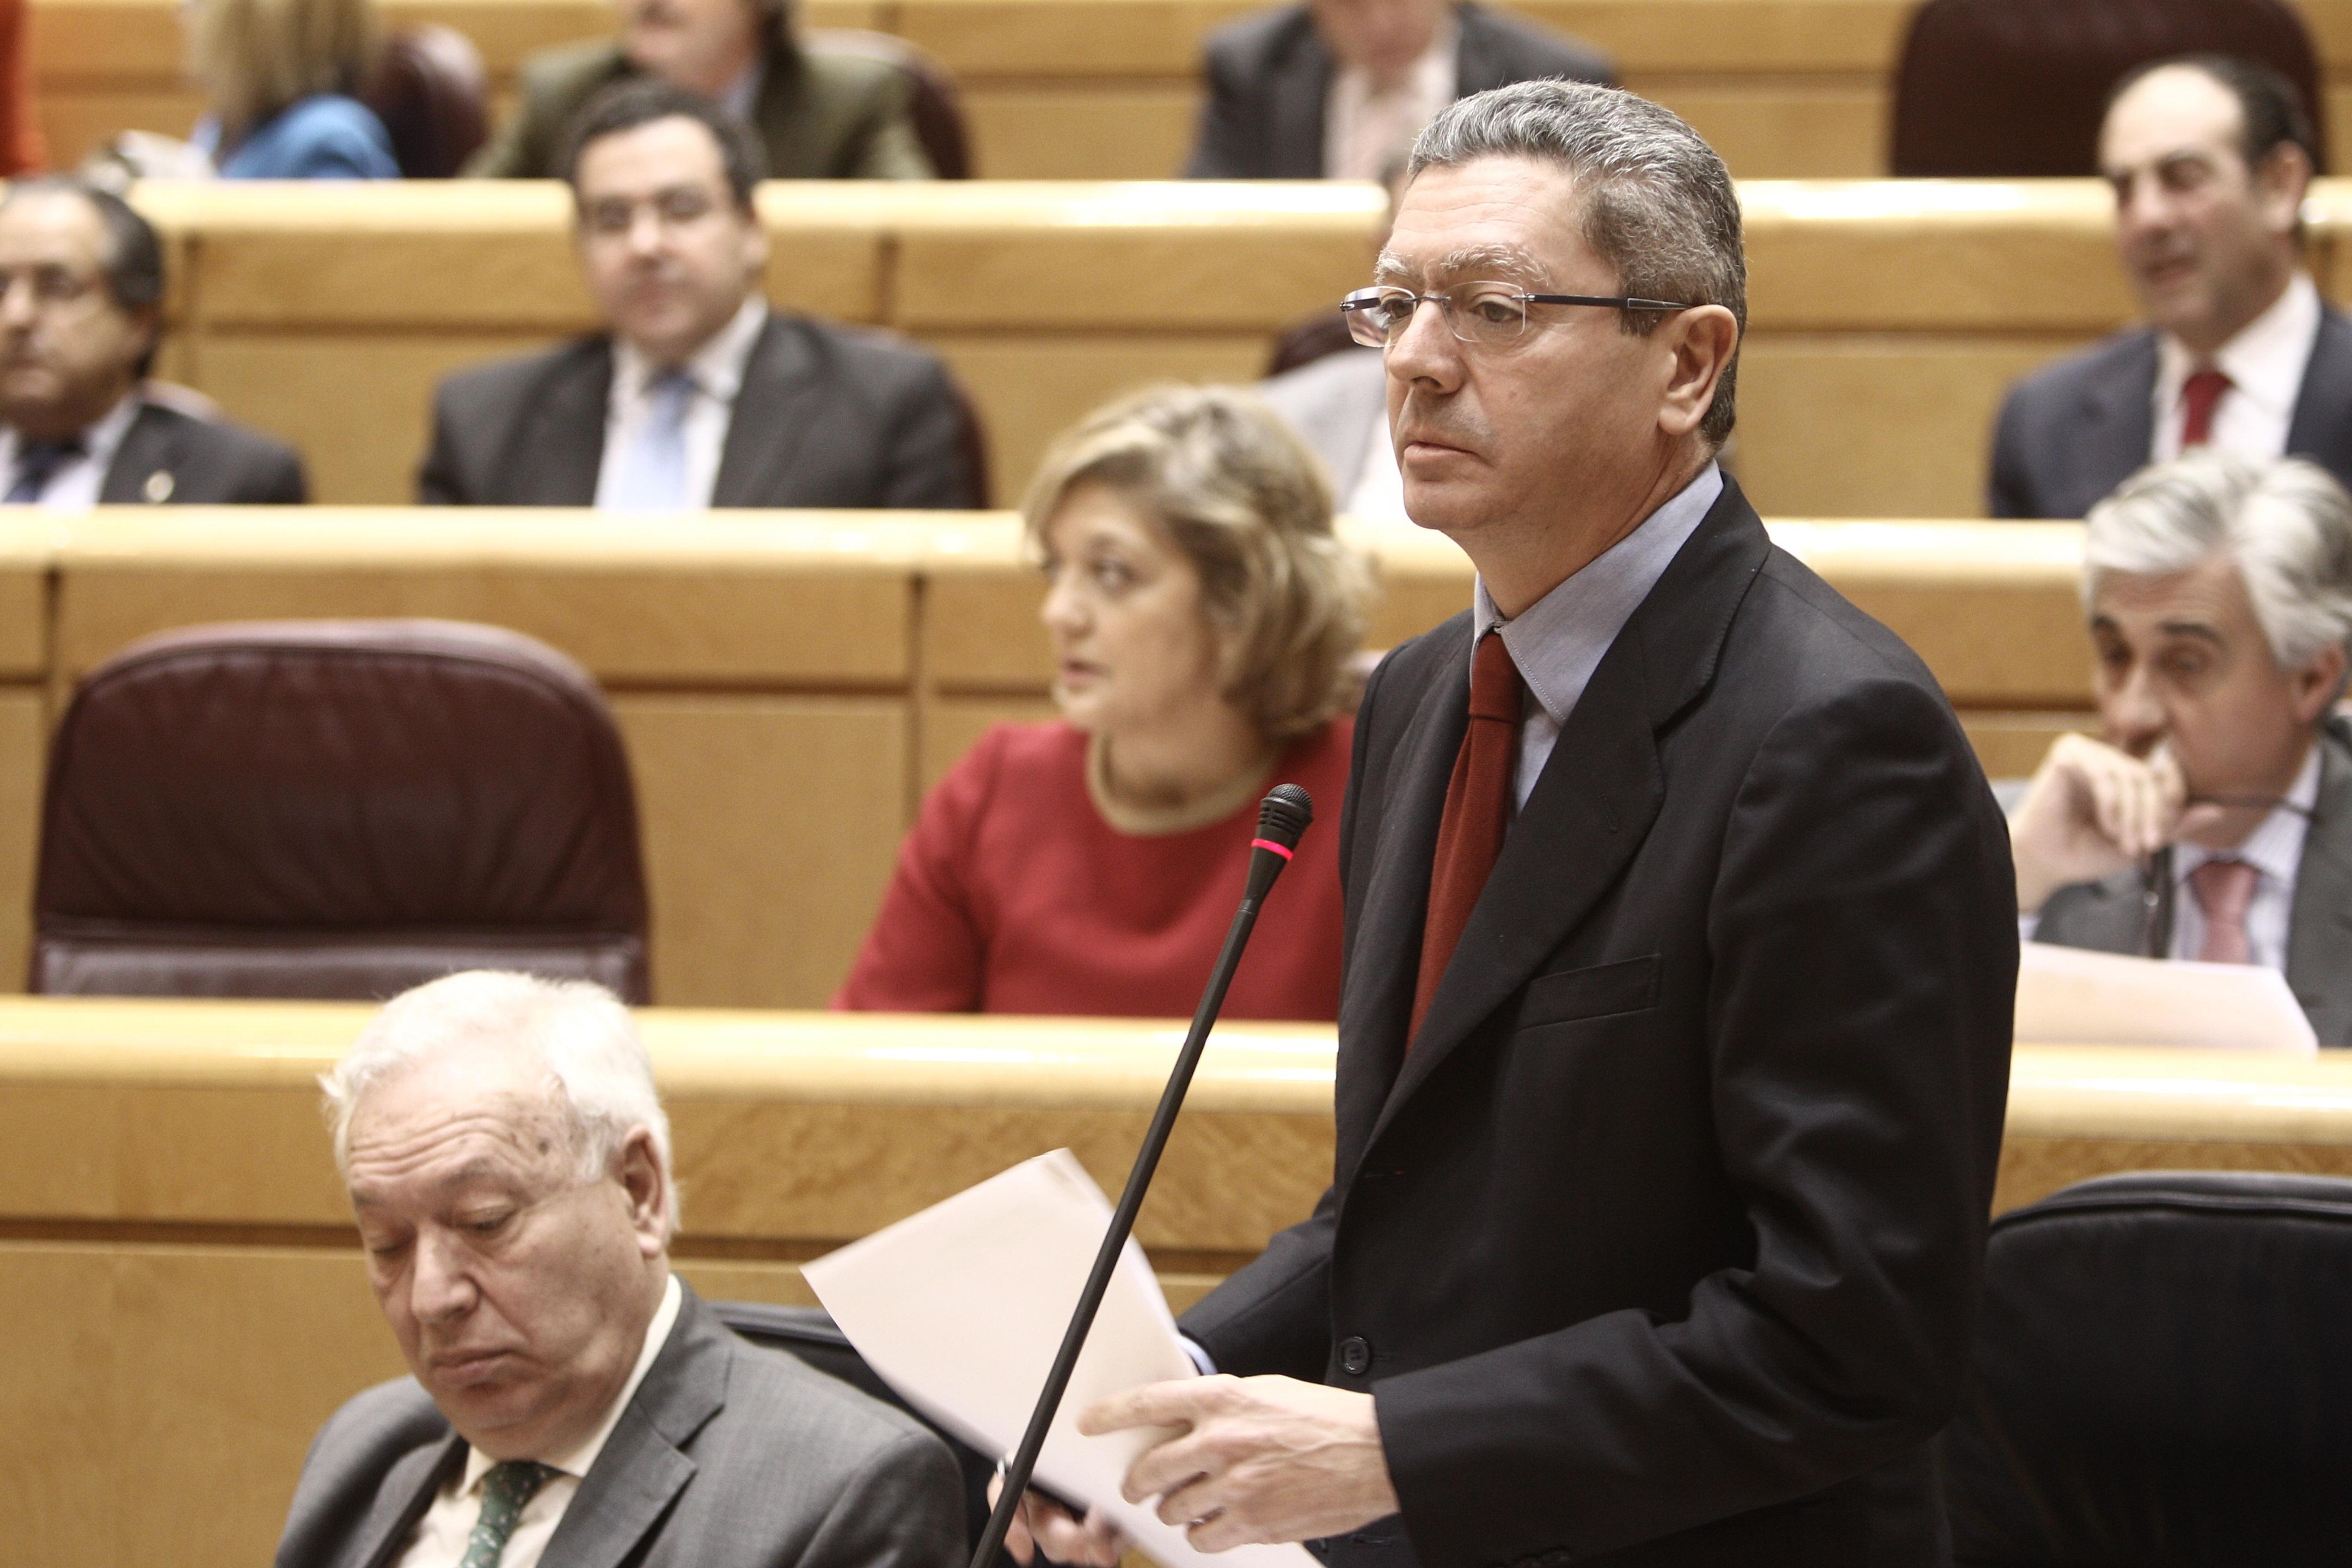 Gallardón cuestiona destinar «en este momento» 13 millones de euros a actuaciones para el futuro del Valle de los Caídos